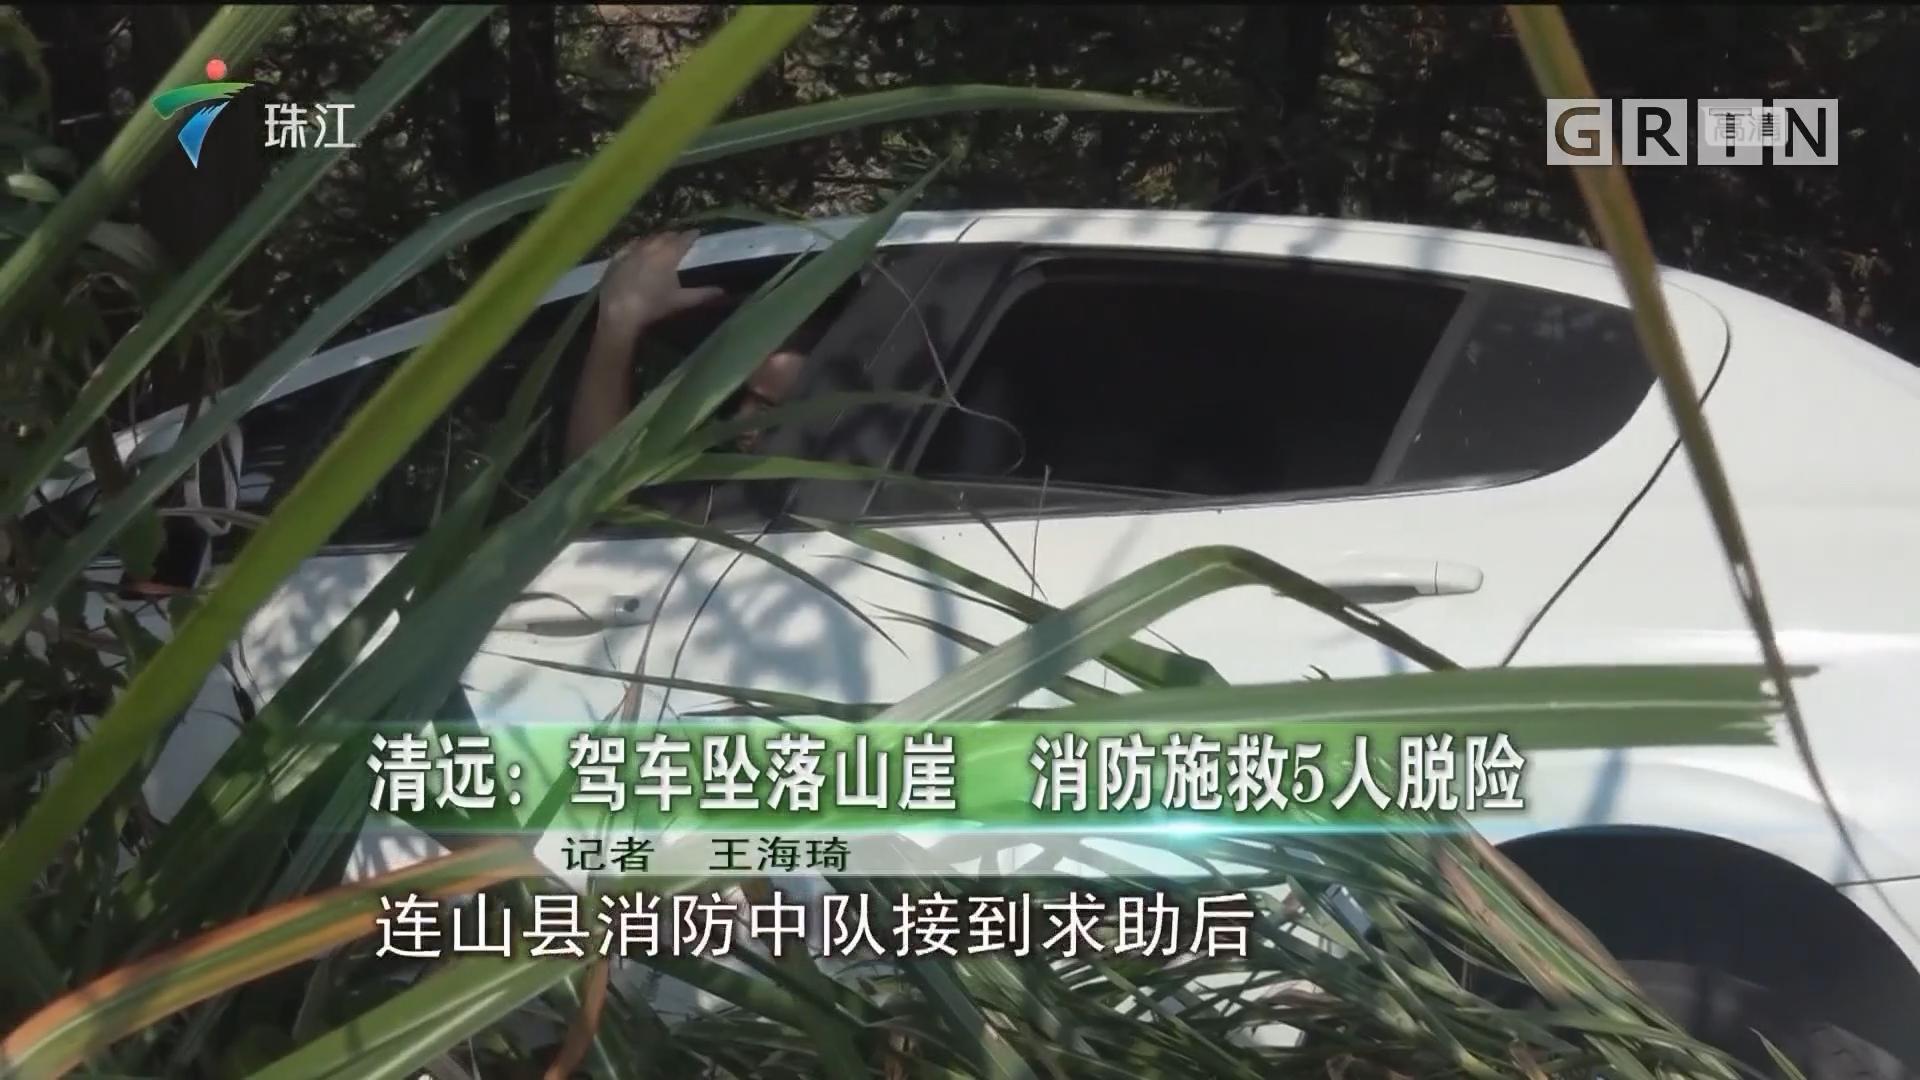 清远:驾车坠落山崖 消防施救5人脱险